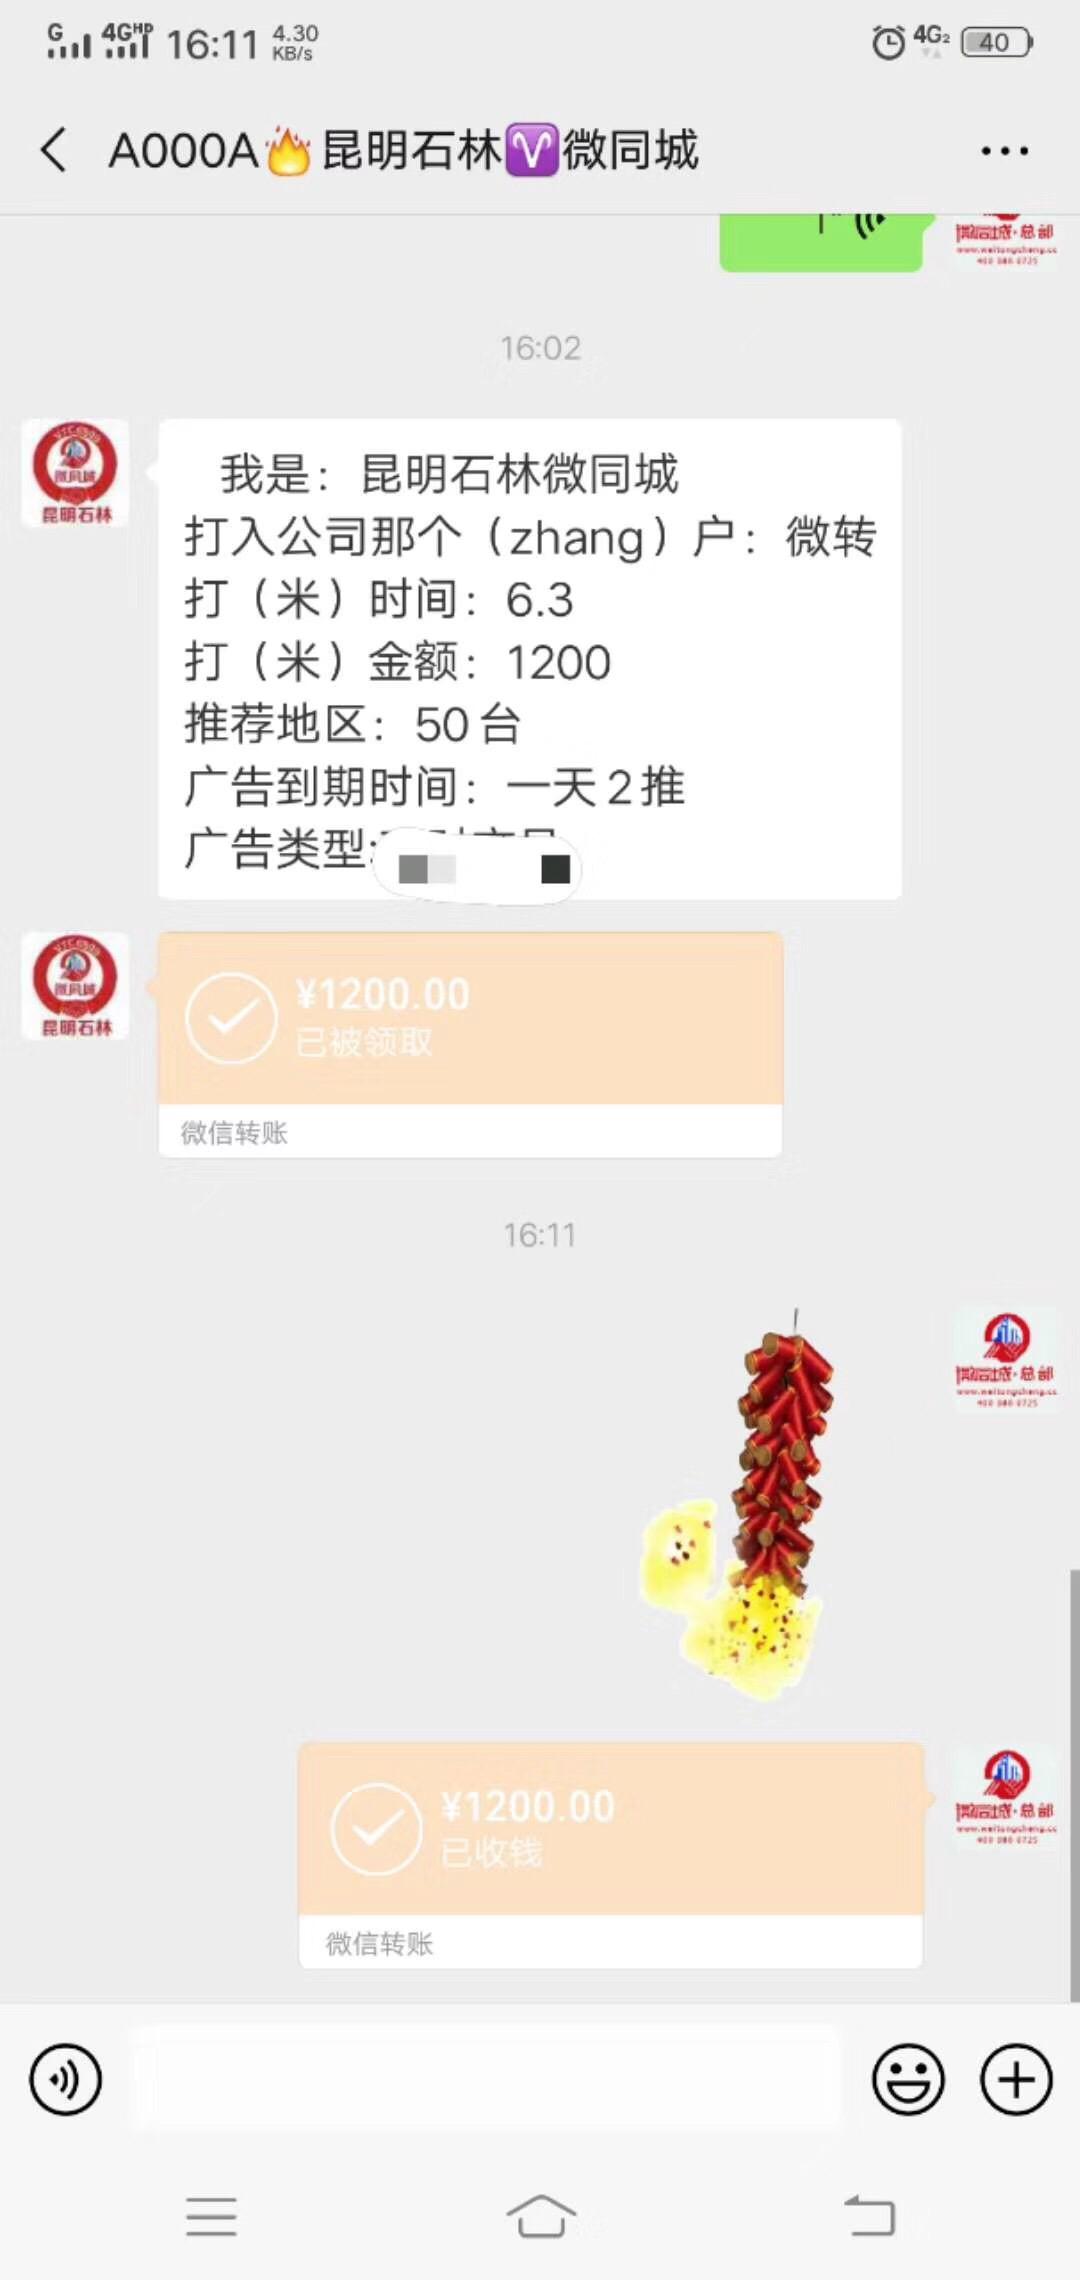 【商家推广50个平台】祝贺昆明石林微全城微帮